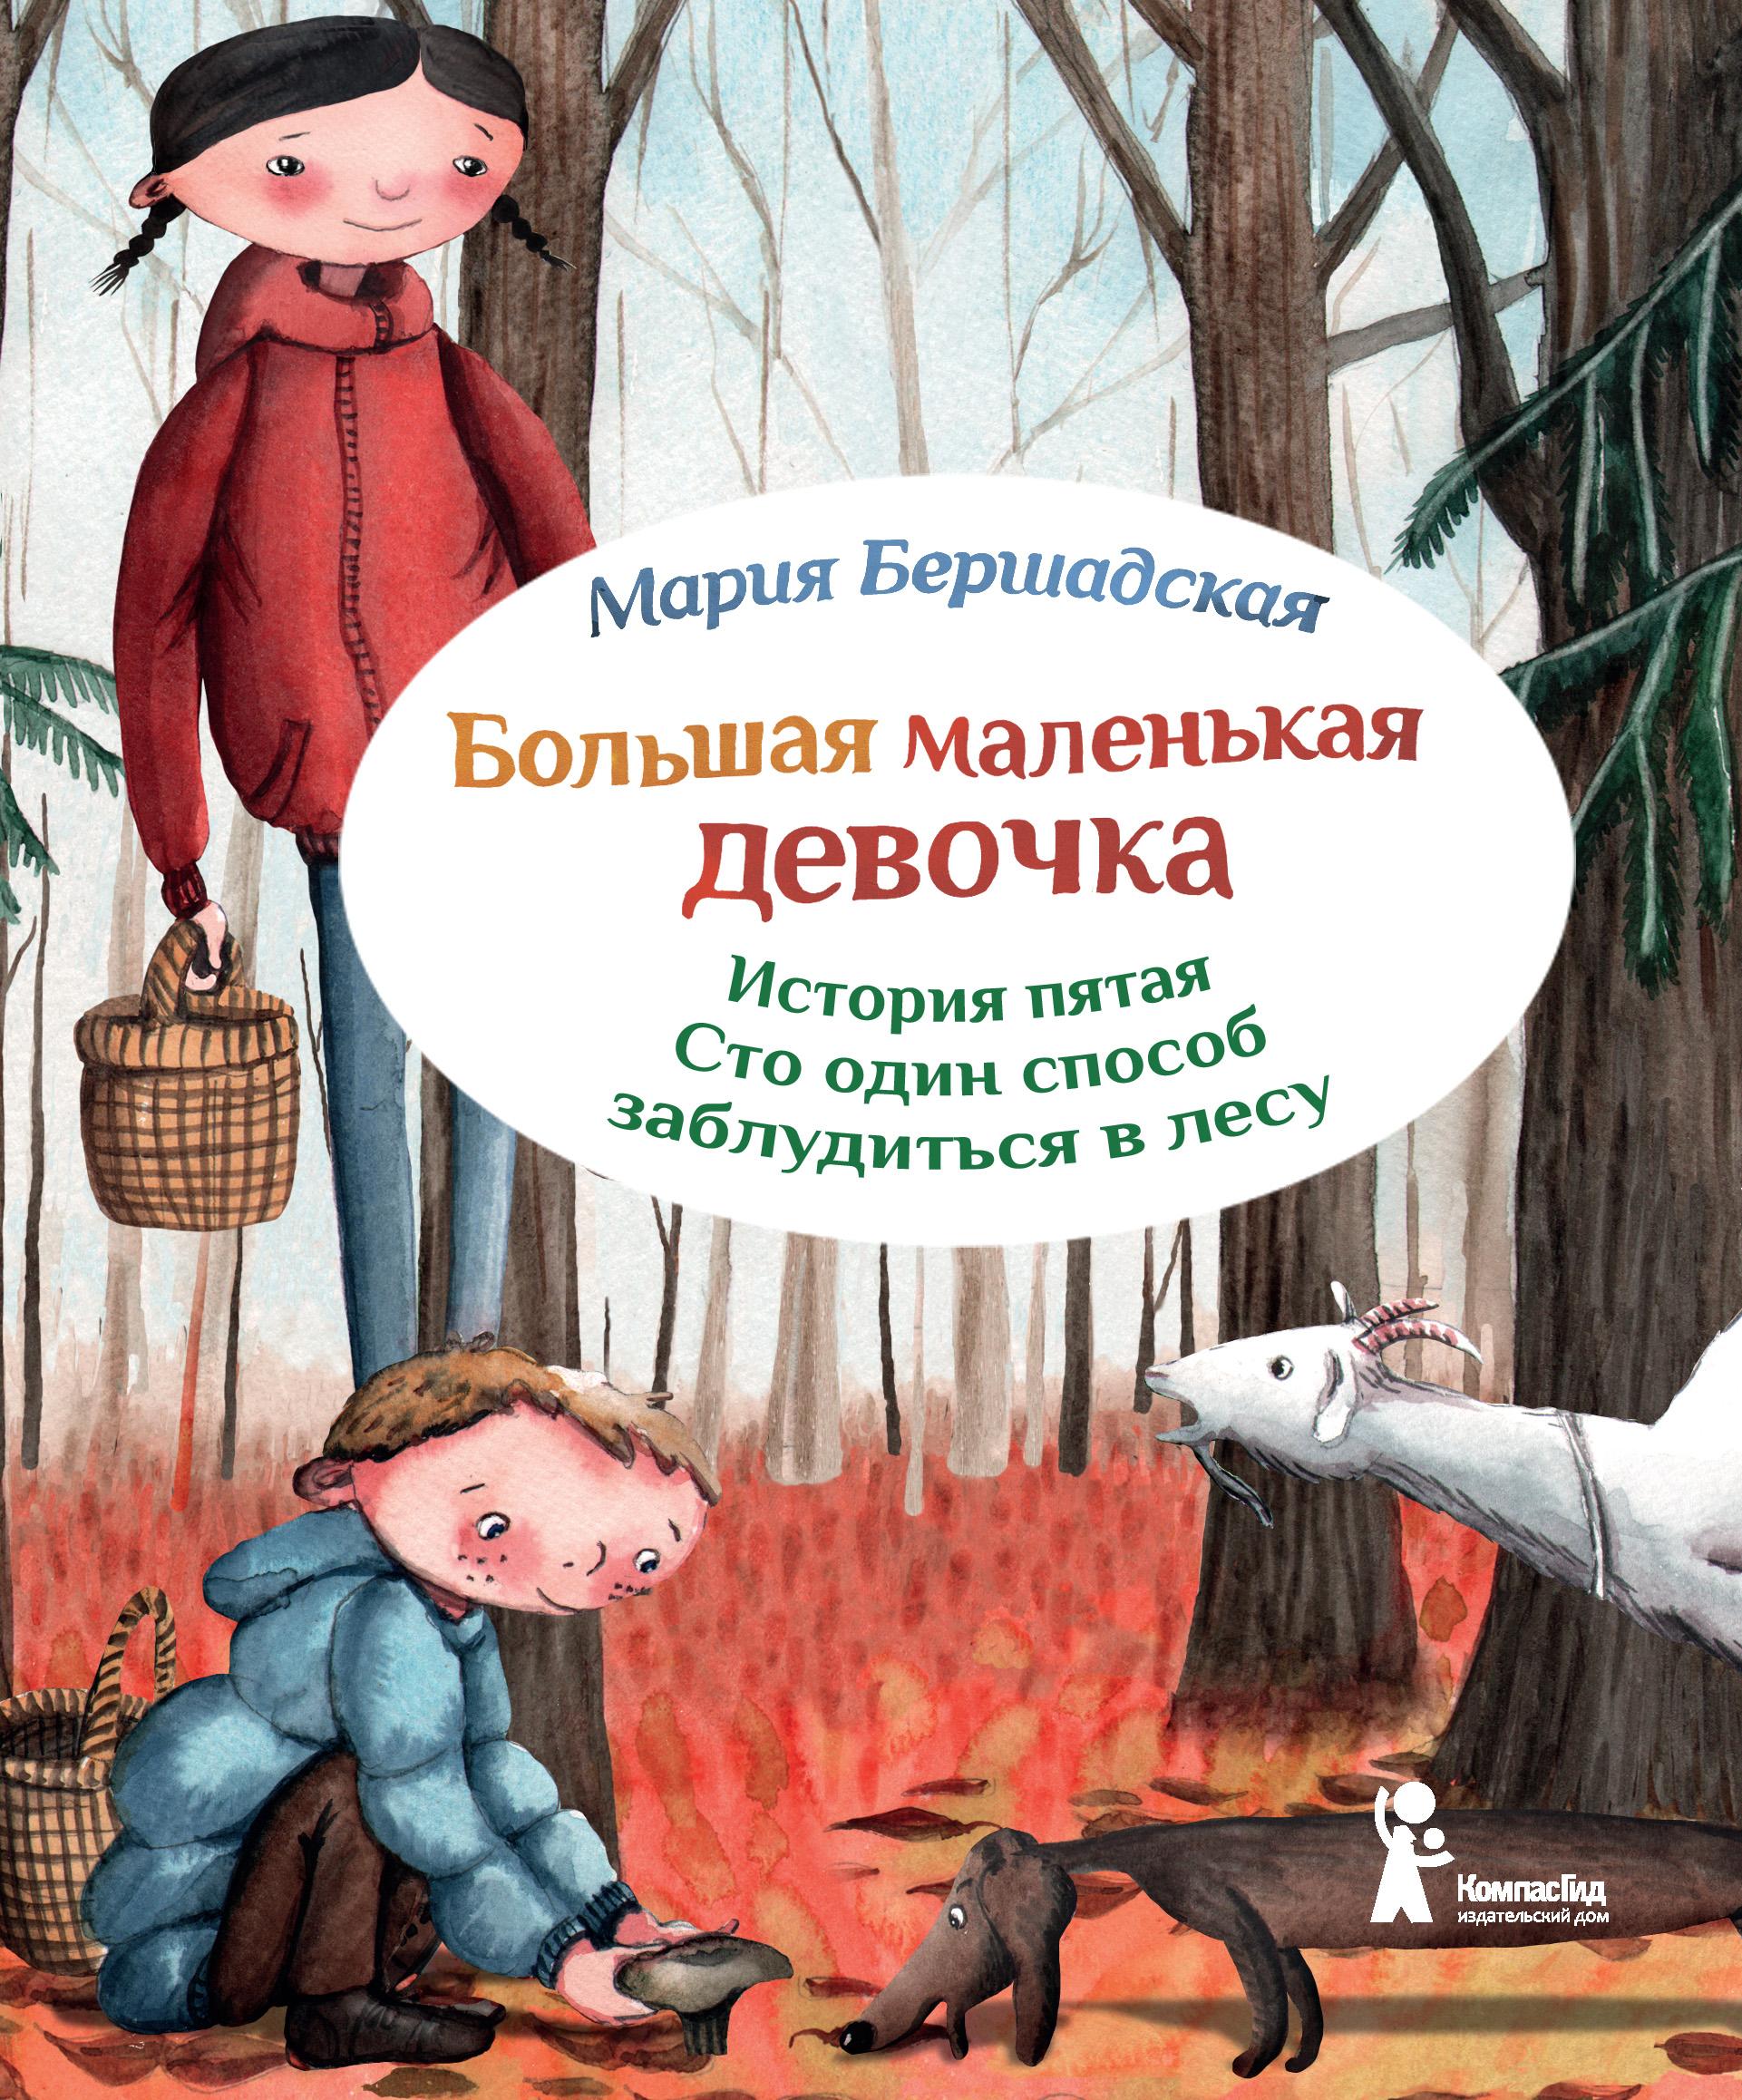 Сто один способ заблудиться в лесу ( Мария Бершадская  )